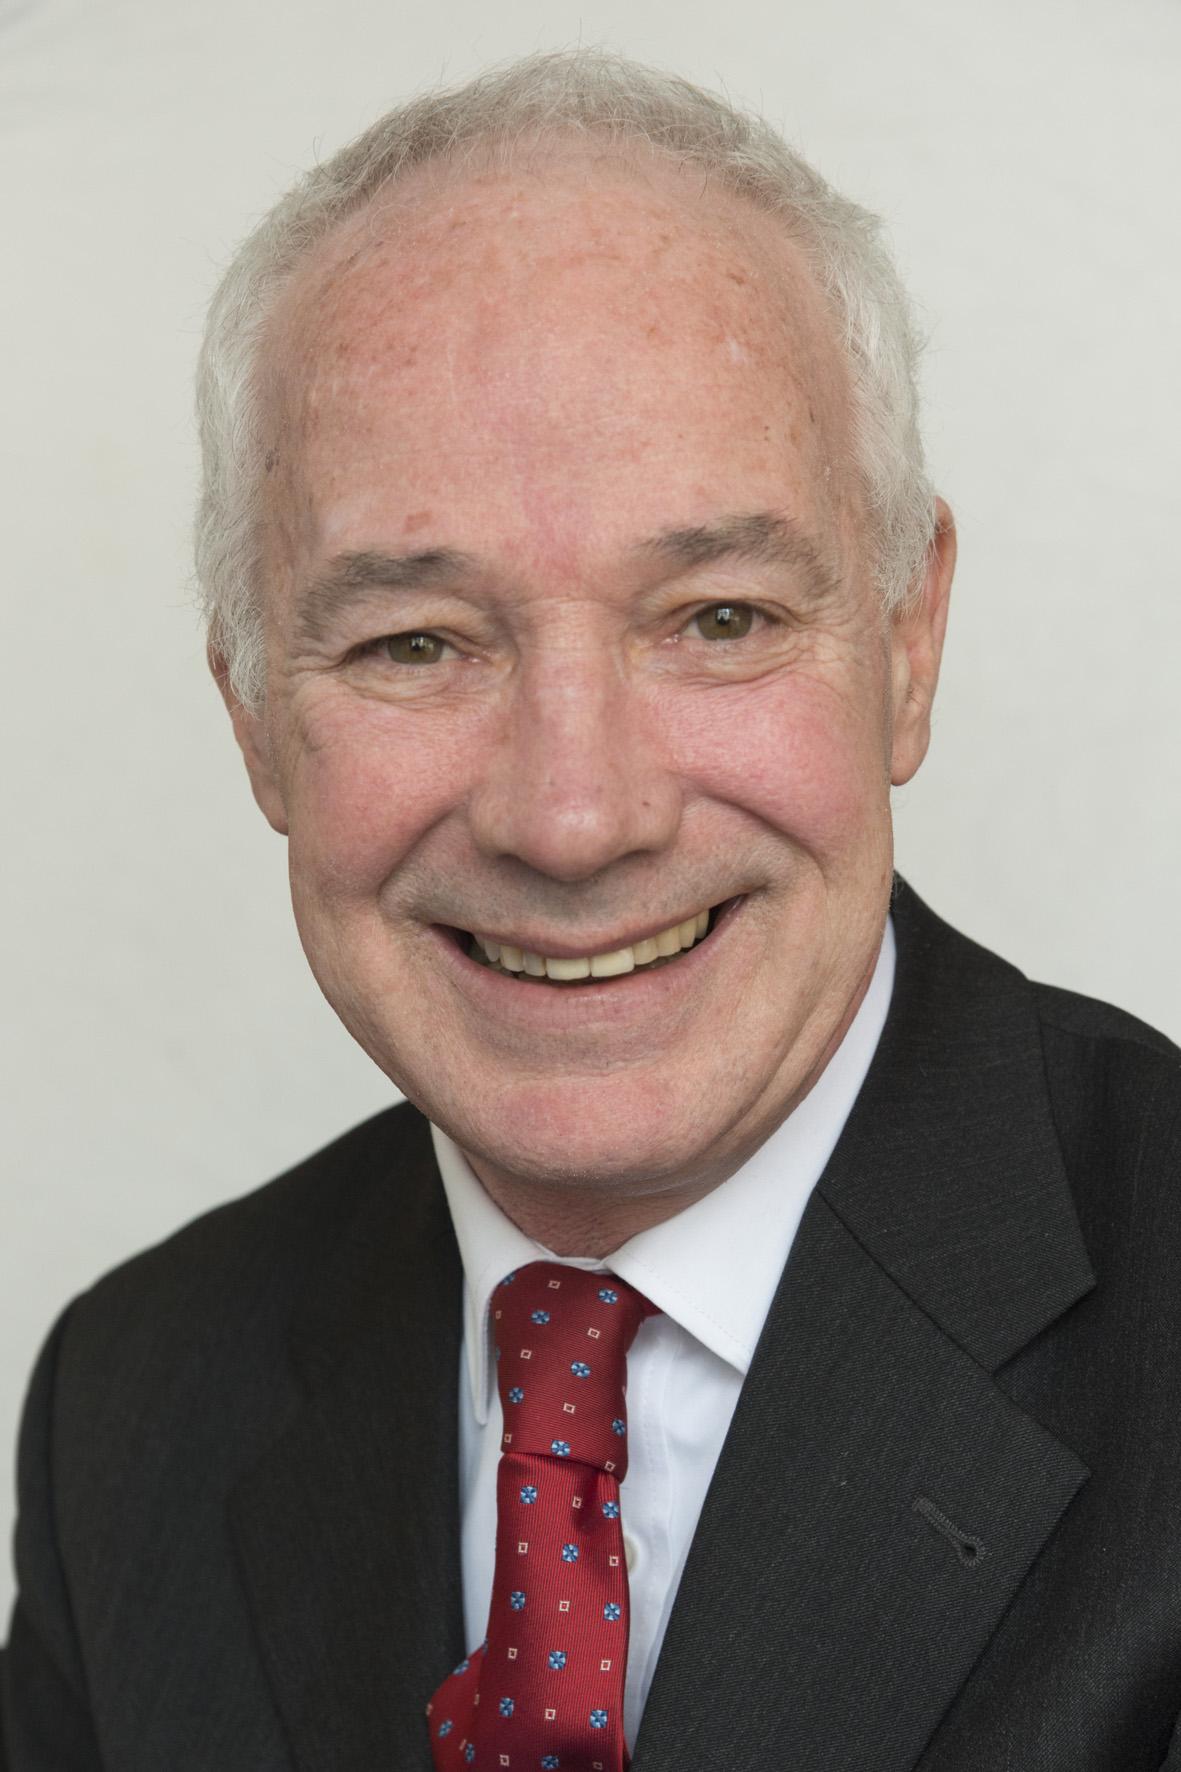 Kieran McKeogh